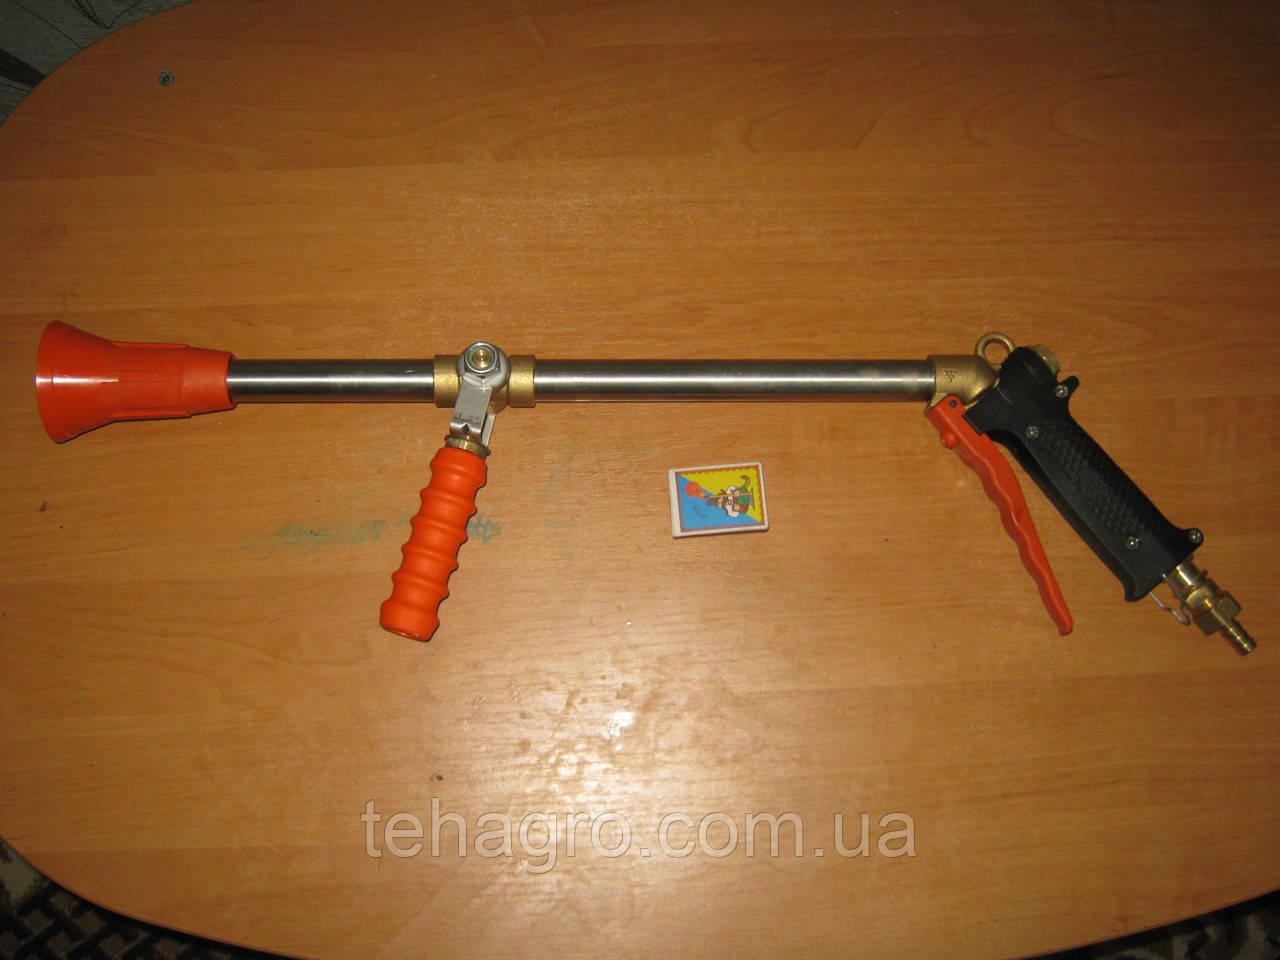 Садовый пистолет (автомат) . Дополнительное оборудование для садового и полевого опрыскивателя. Брандсбойд.